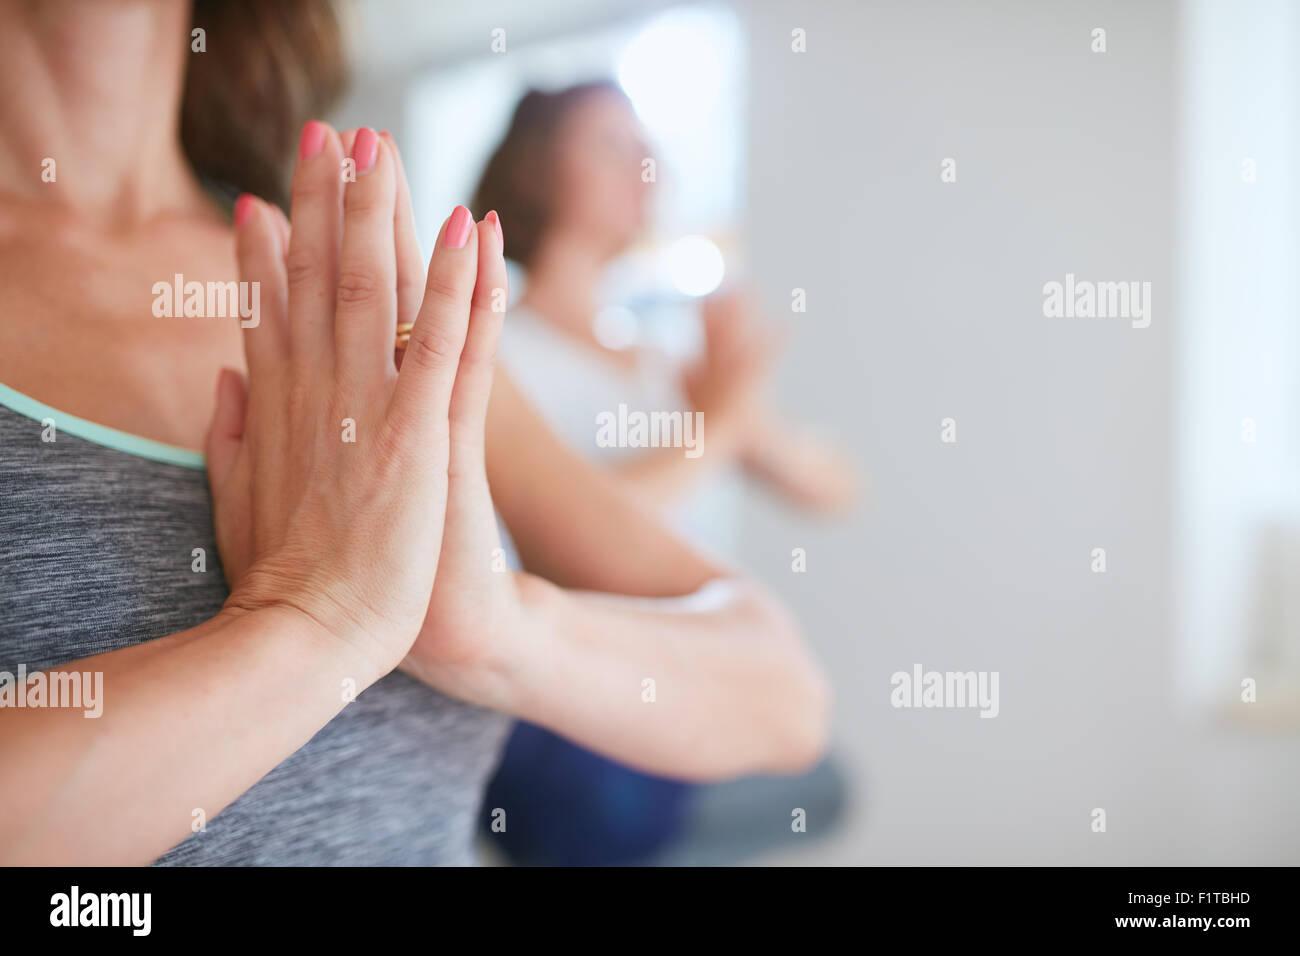 Schuss von Frauen bei der Yoga-Stunde meditieren mit den Händen umklammert hautnah. Weibliche Hände im Stockbild